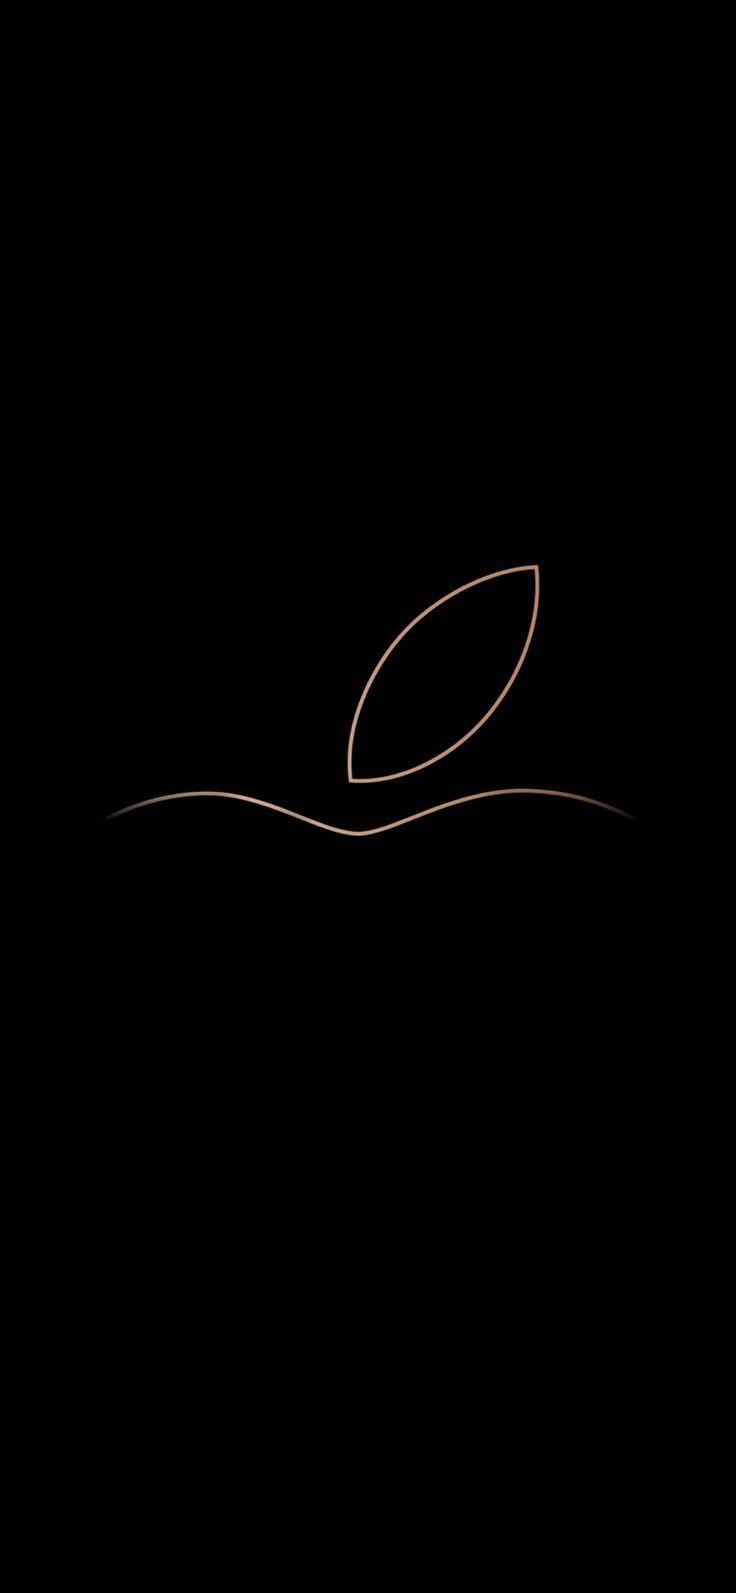 New Apple Logo Wallpaper 4k Apfel Hintergrund Apple Logo Hintergrund Iphone